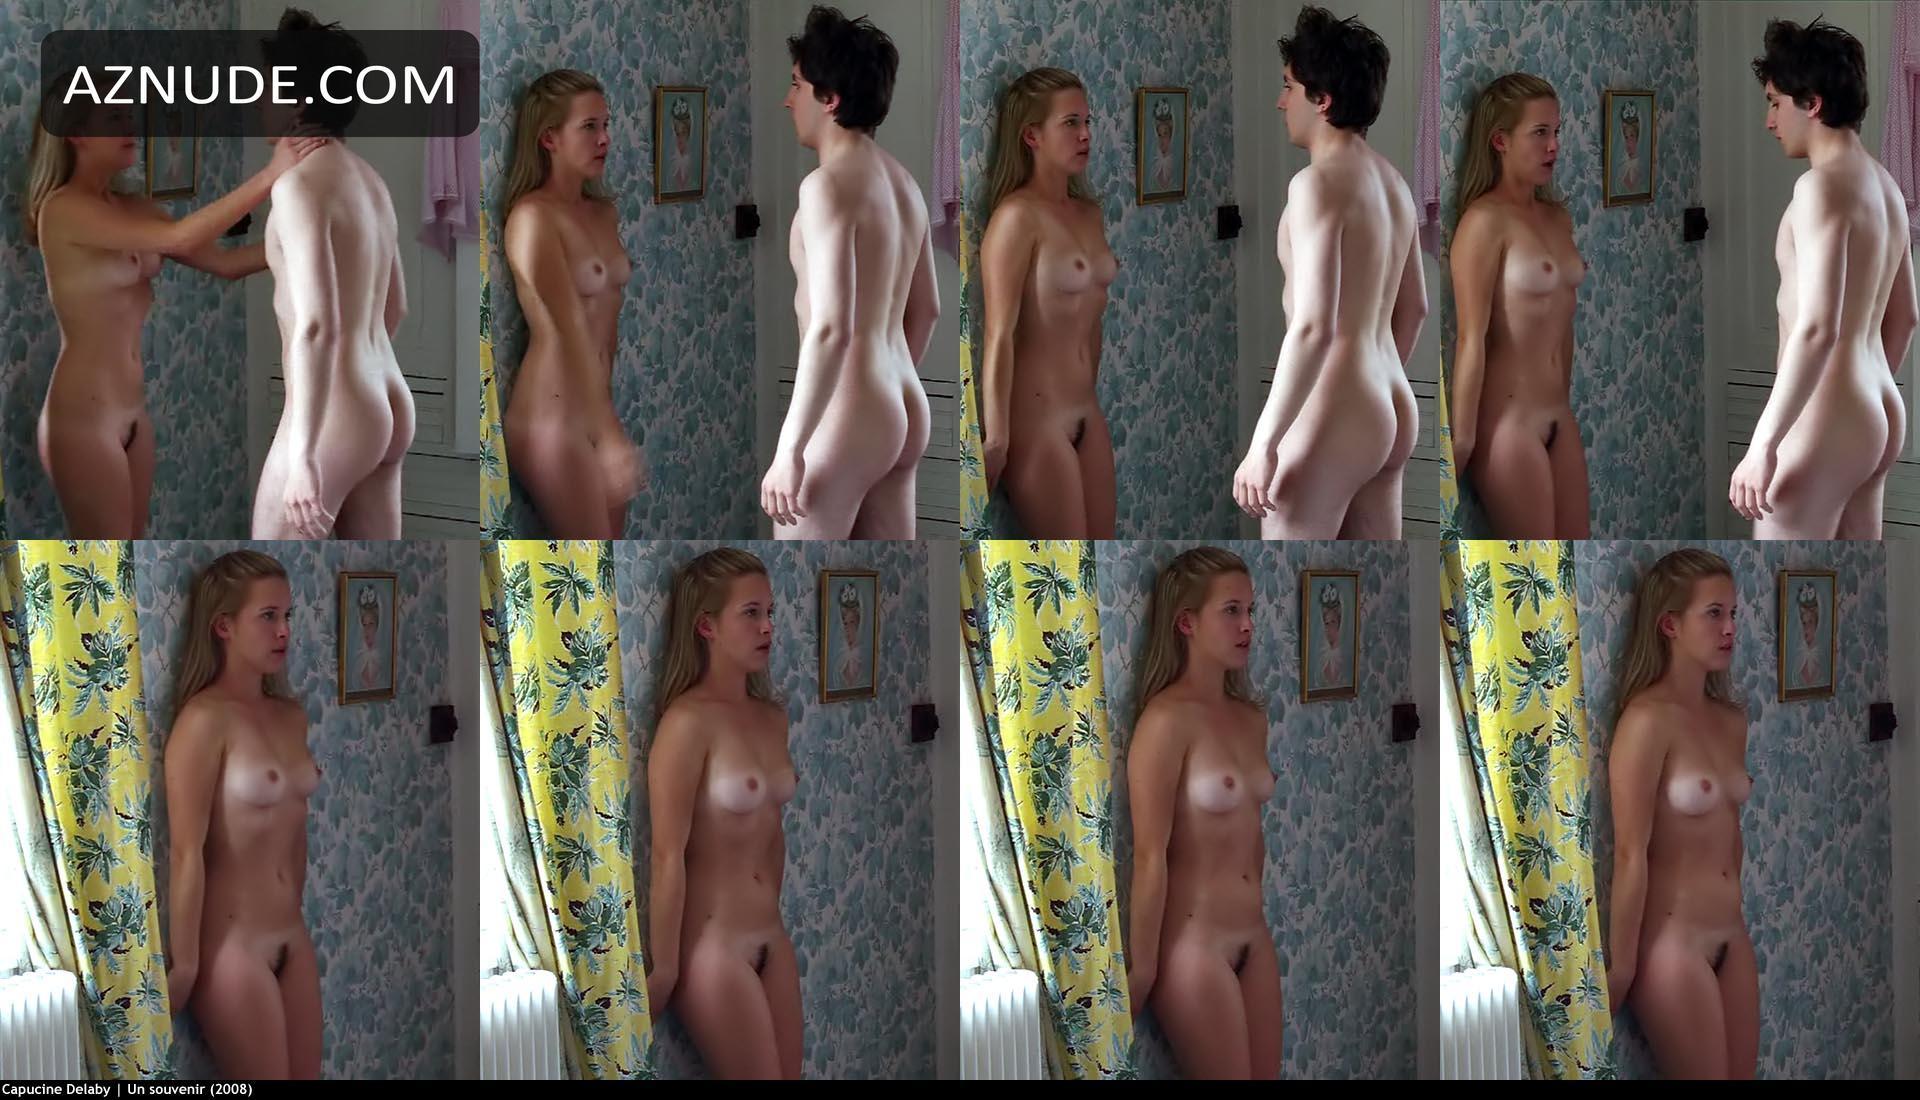 image Kristen stewart nude sex scene in on the road scandalplanet